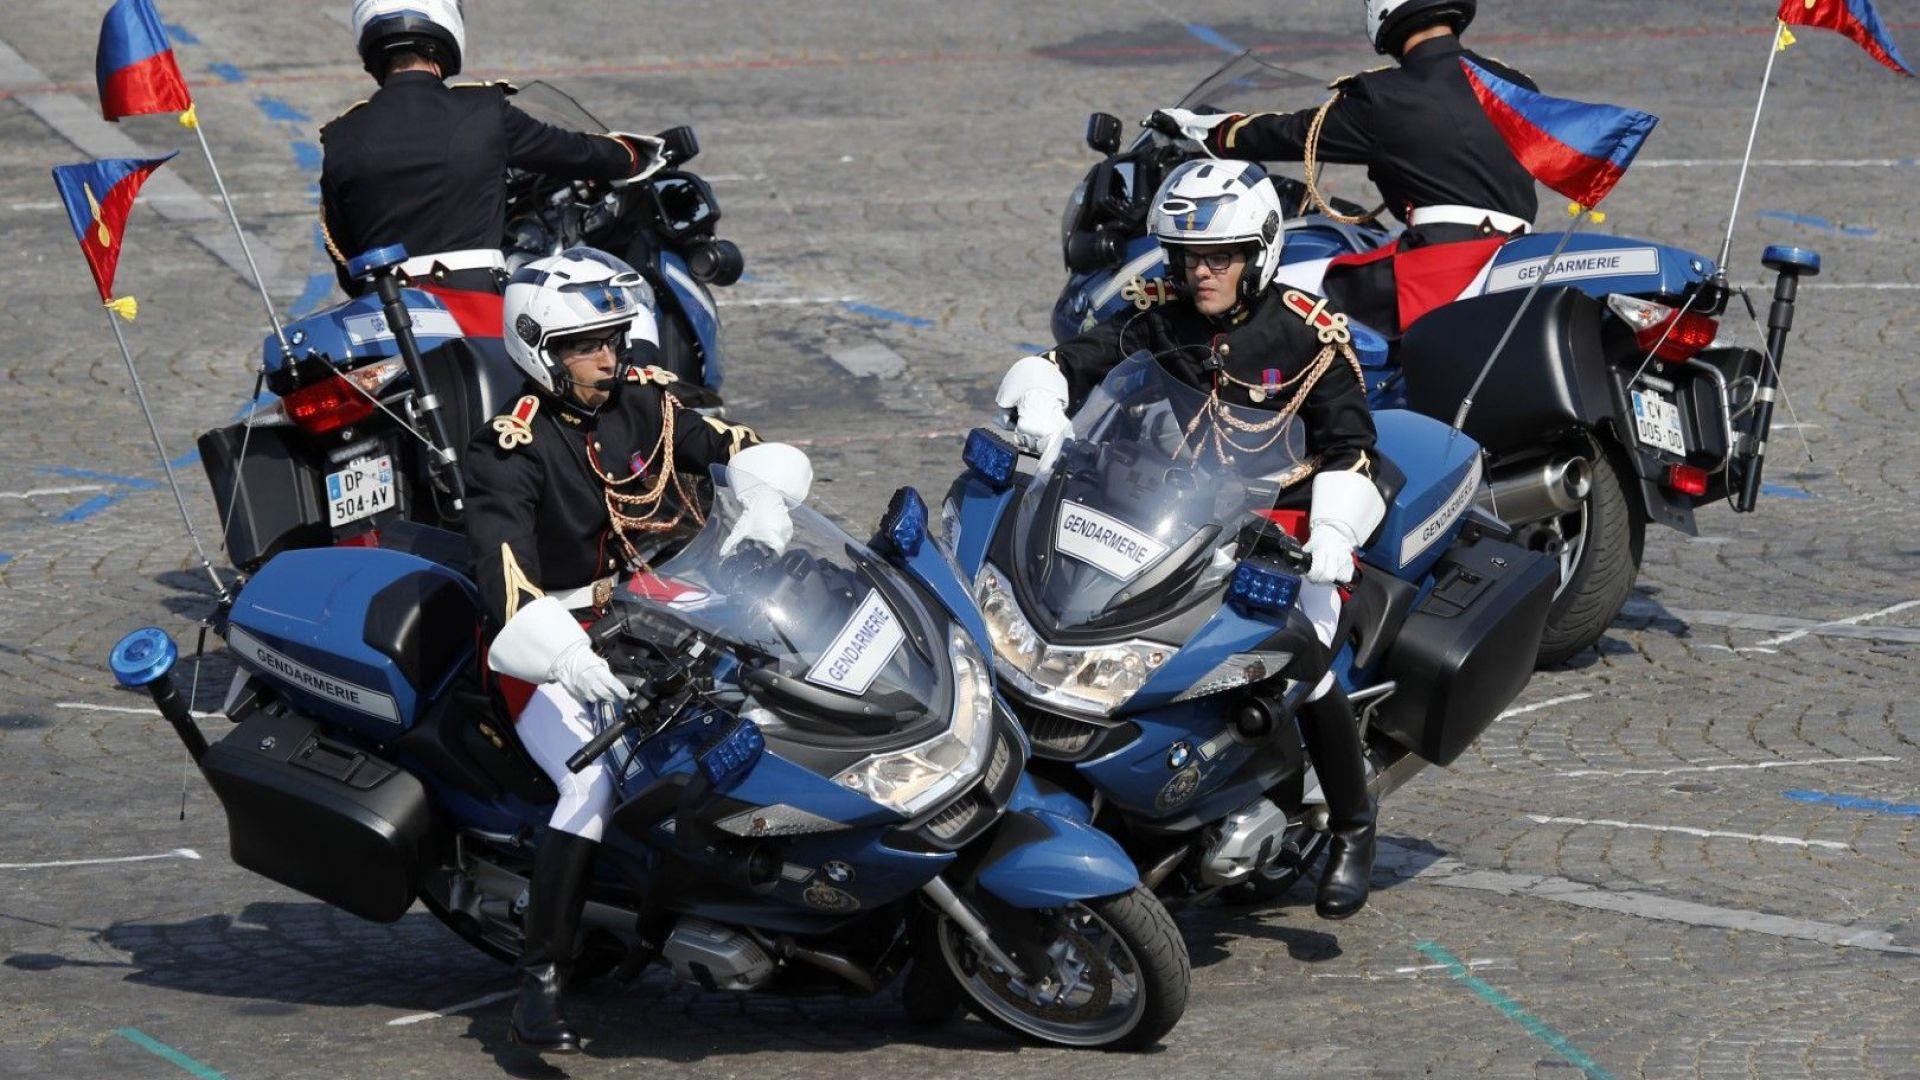 Двама мотоциклетисти от жандармерията се сблъскаха по време на парада